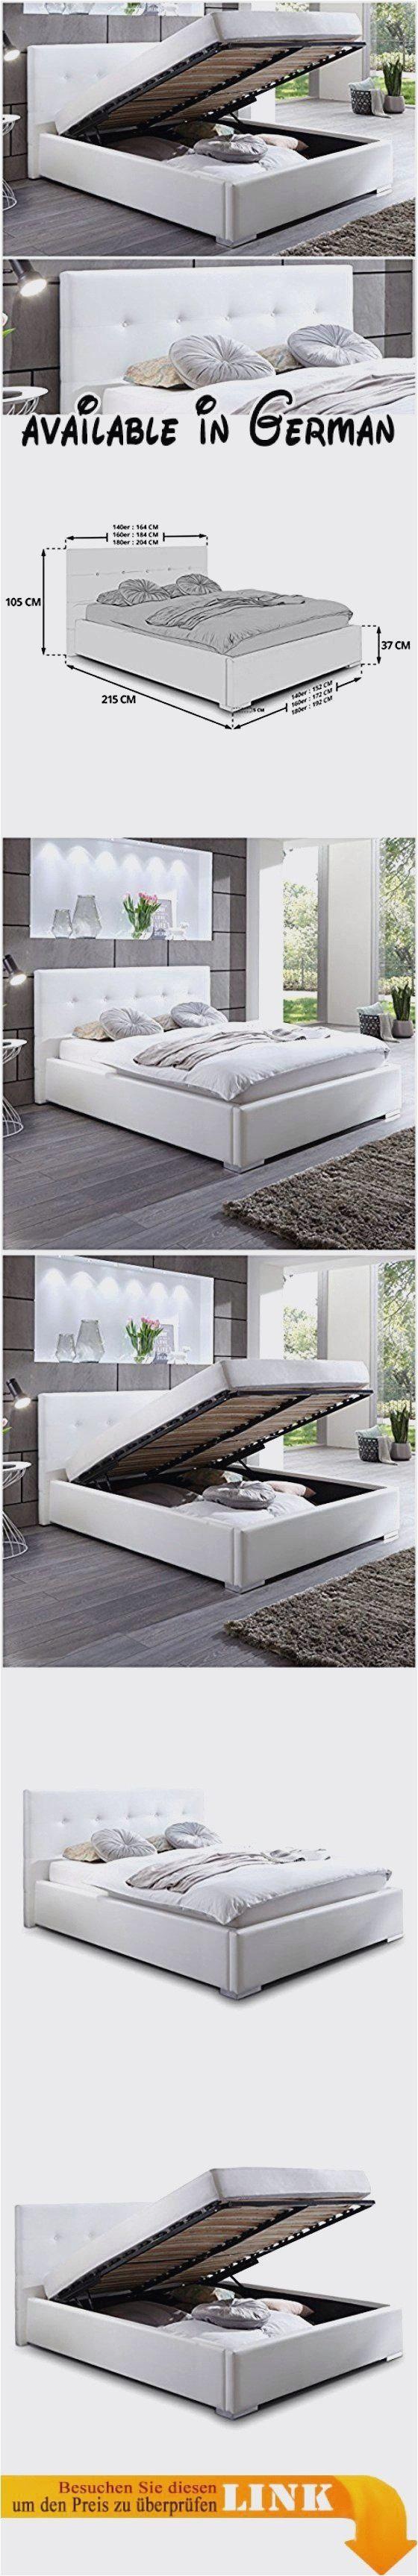 Lit Et Matelas Ikea Impressionnant 58 Matelas Lit 140